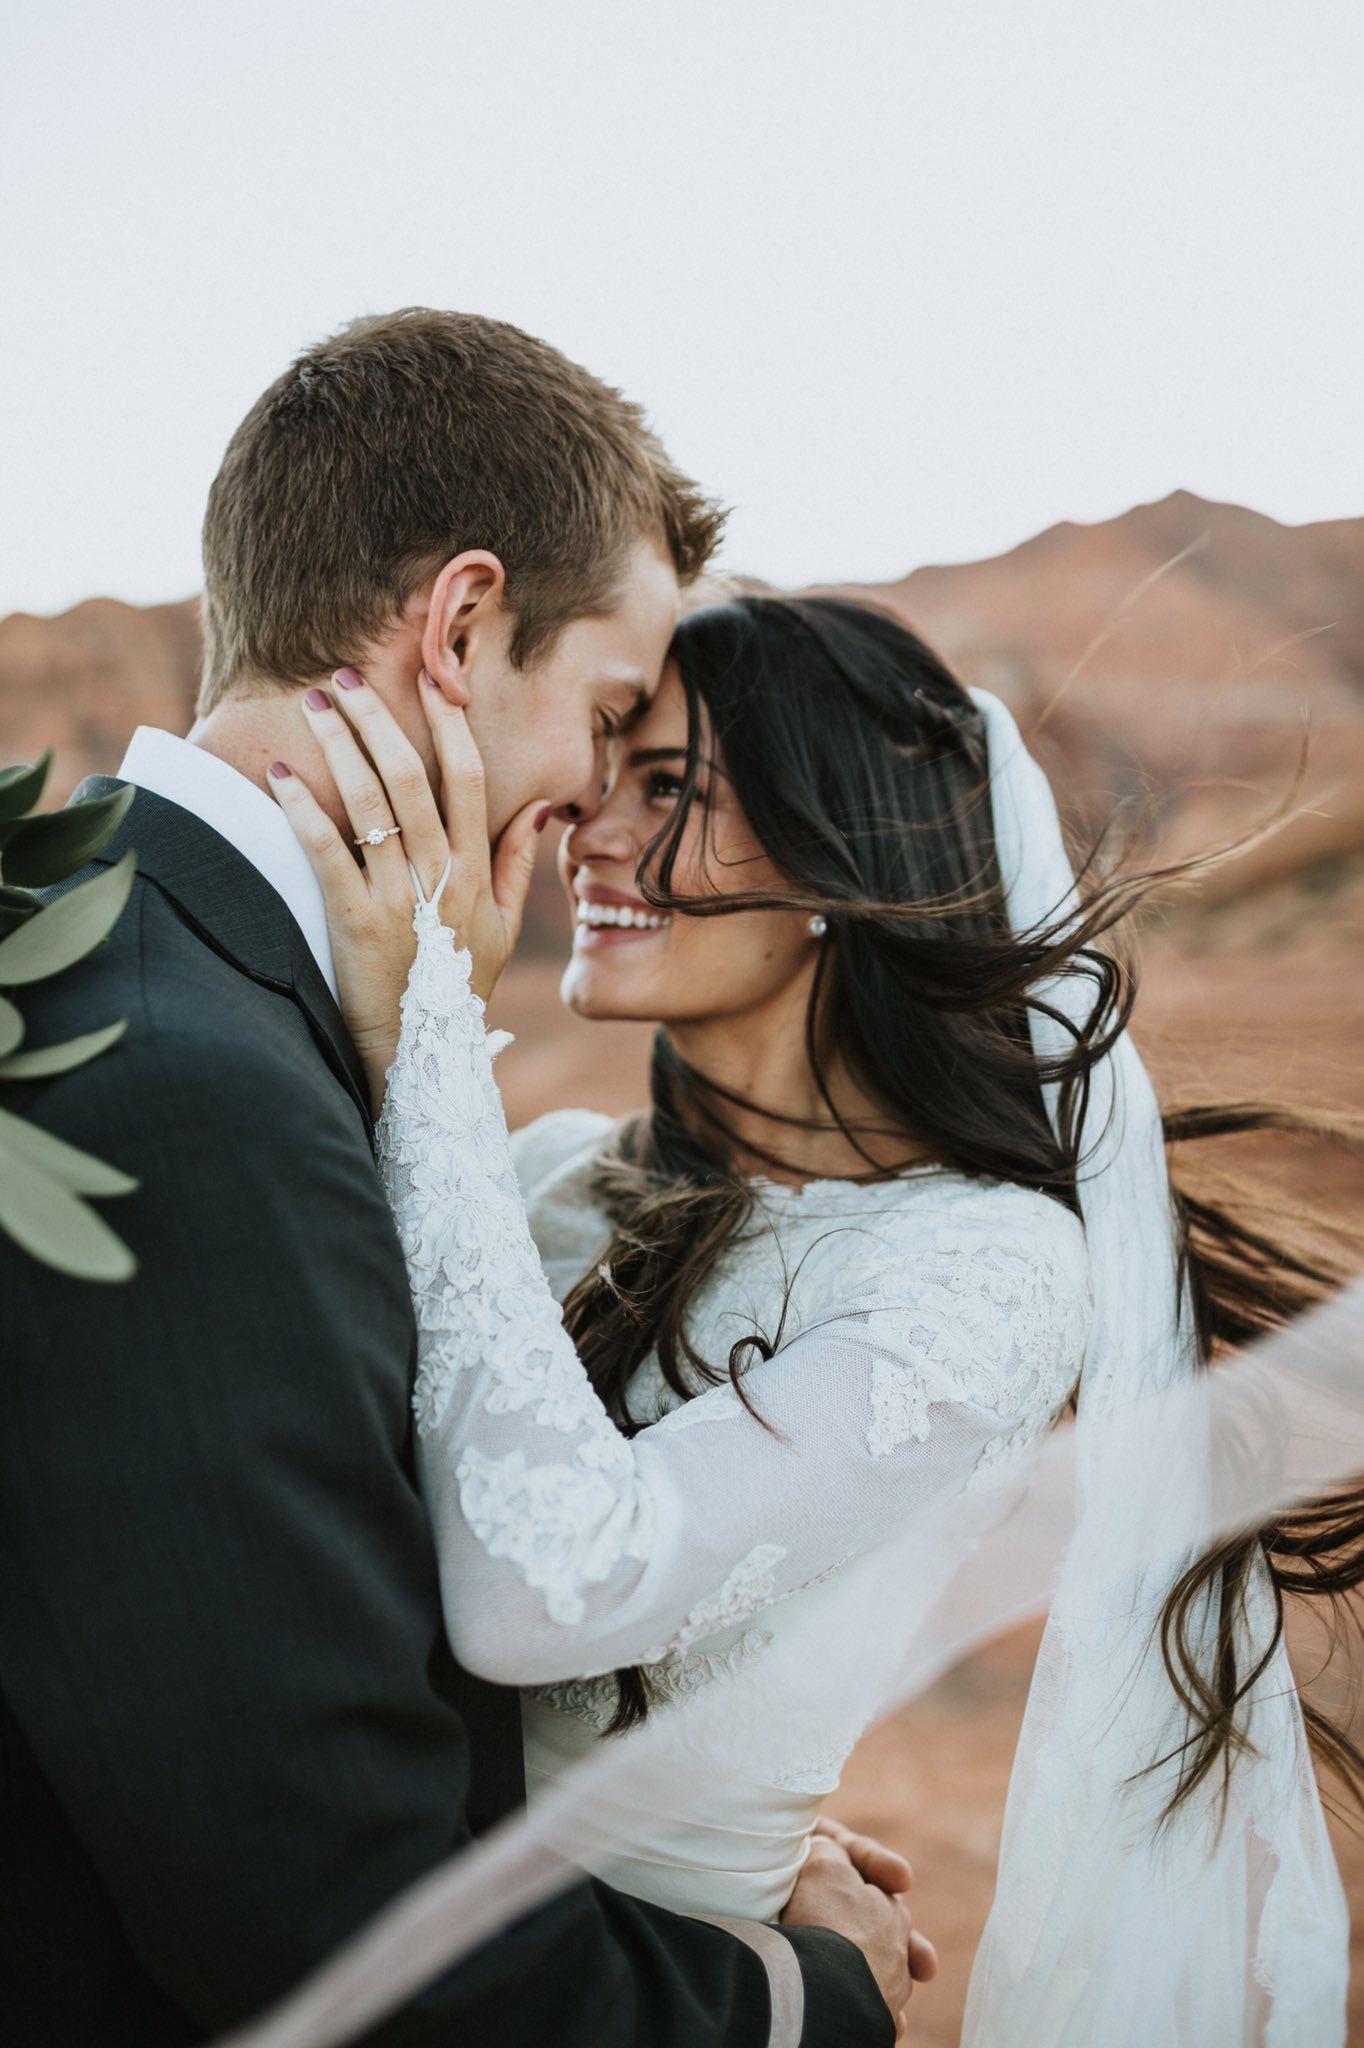 Pin by gabriela wolf on wedding photos in pinterest wedding